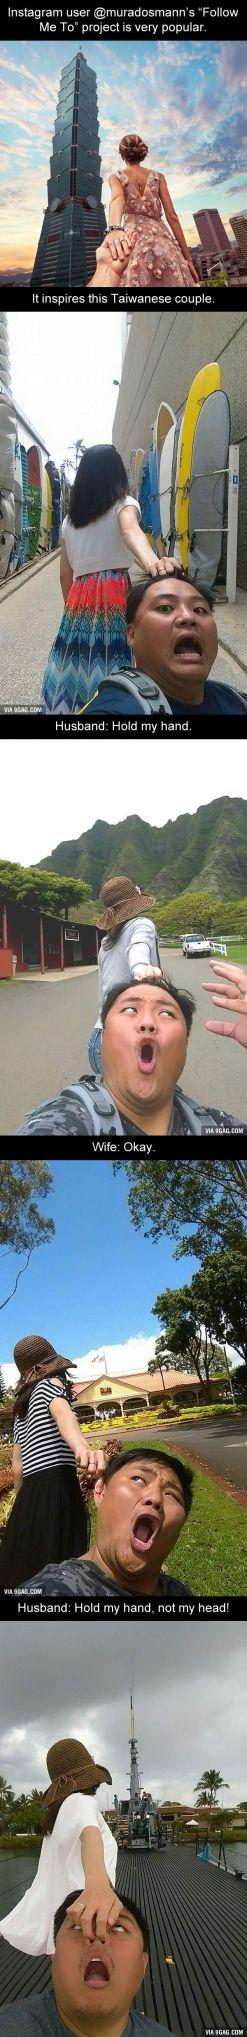 nah ini nih kalo foto follow me to project yang bener... sosuit banget yak